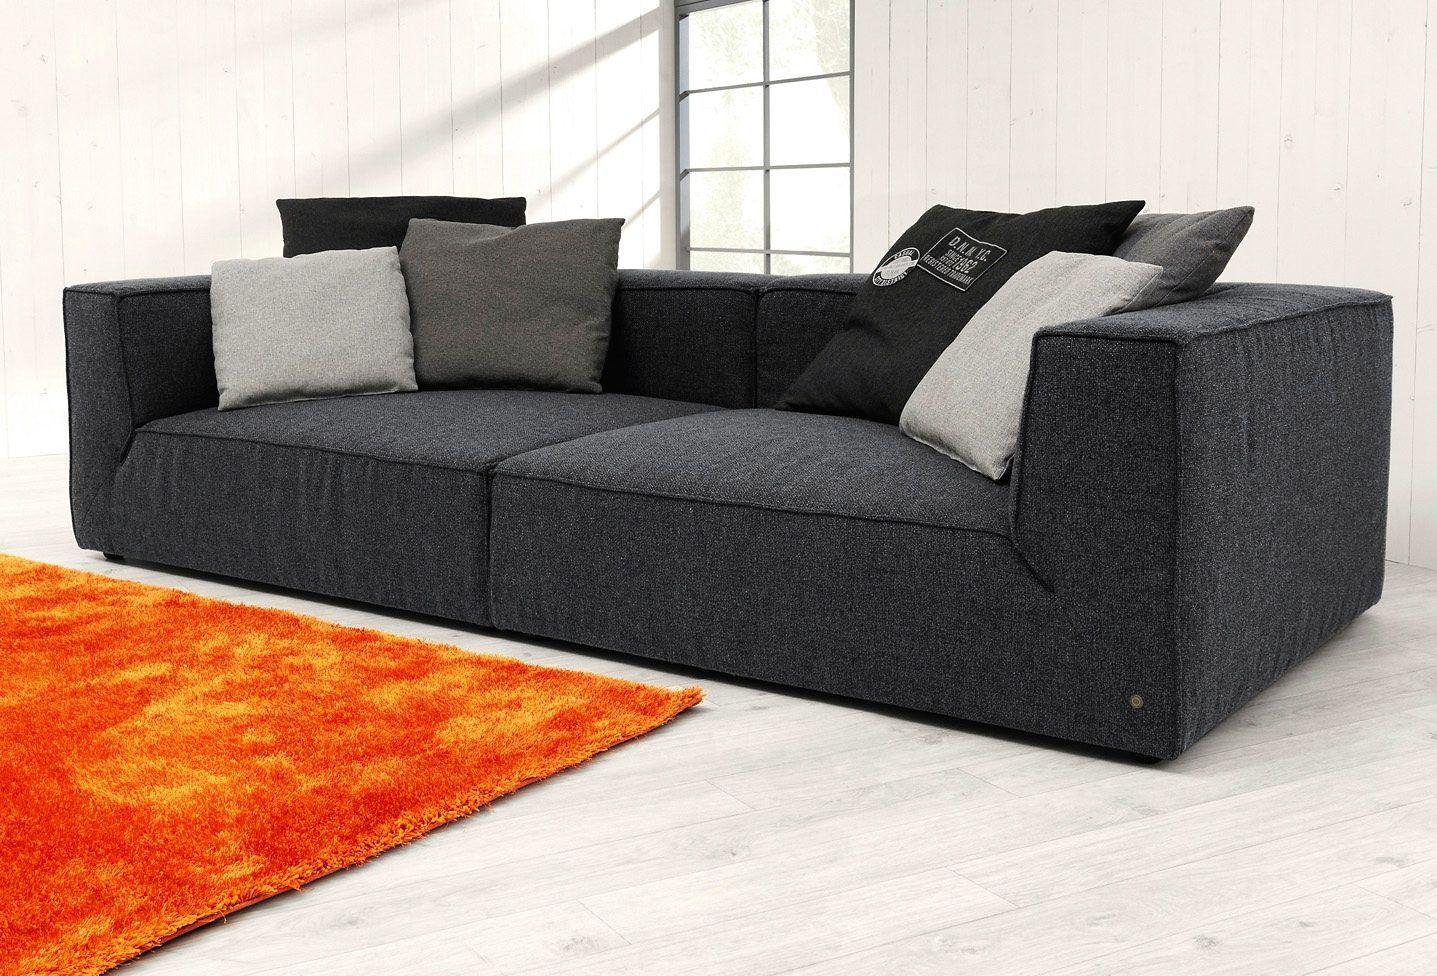 TOM TAILOR Big Sofa Schwarz, Mit Sitztiefenverstellung, Breite 270cm, »BIG  CUBE